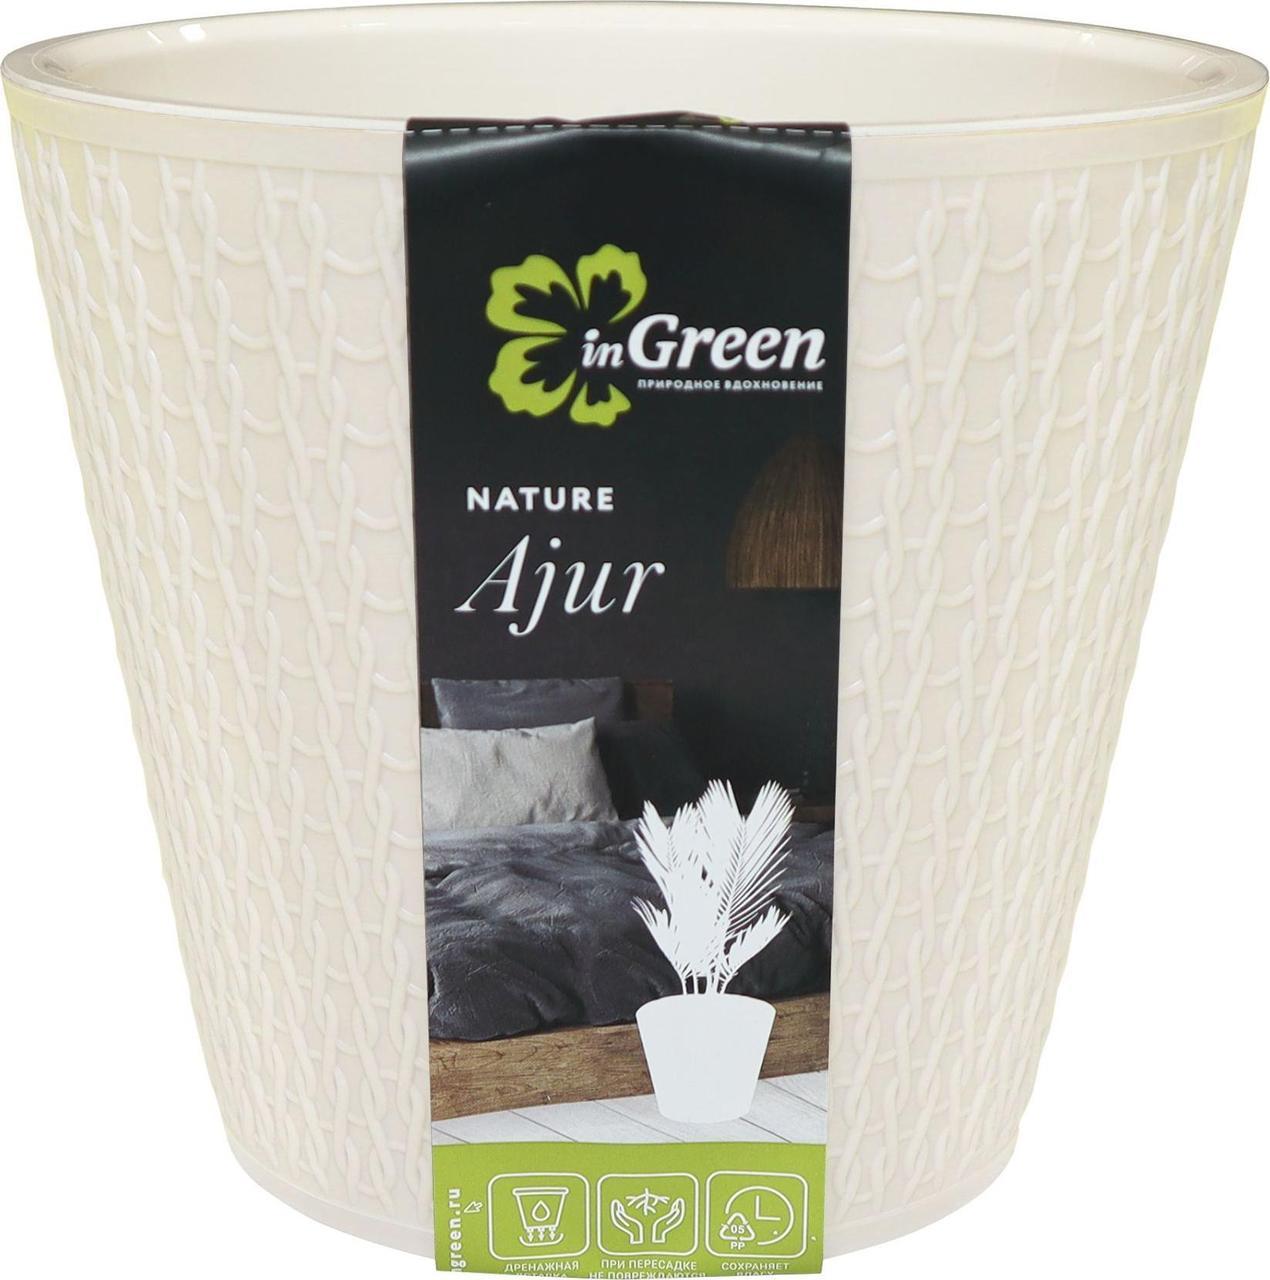 Горшок для цветов Ajur D 160мм, 1,6л сливочный